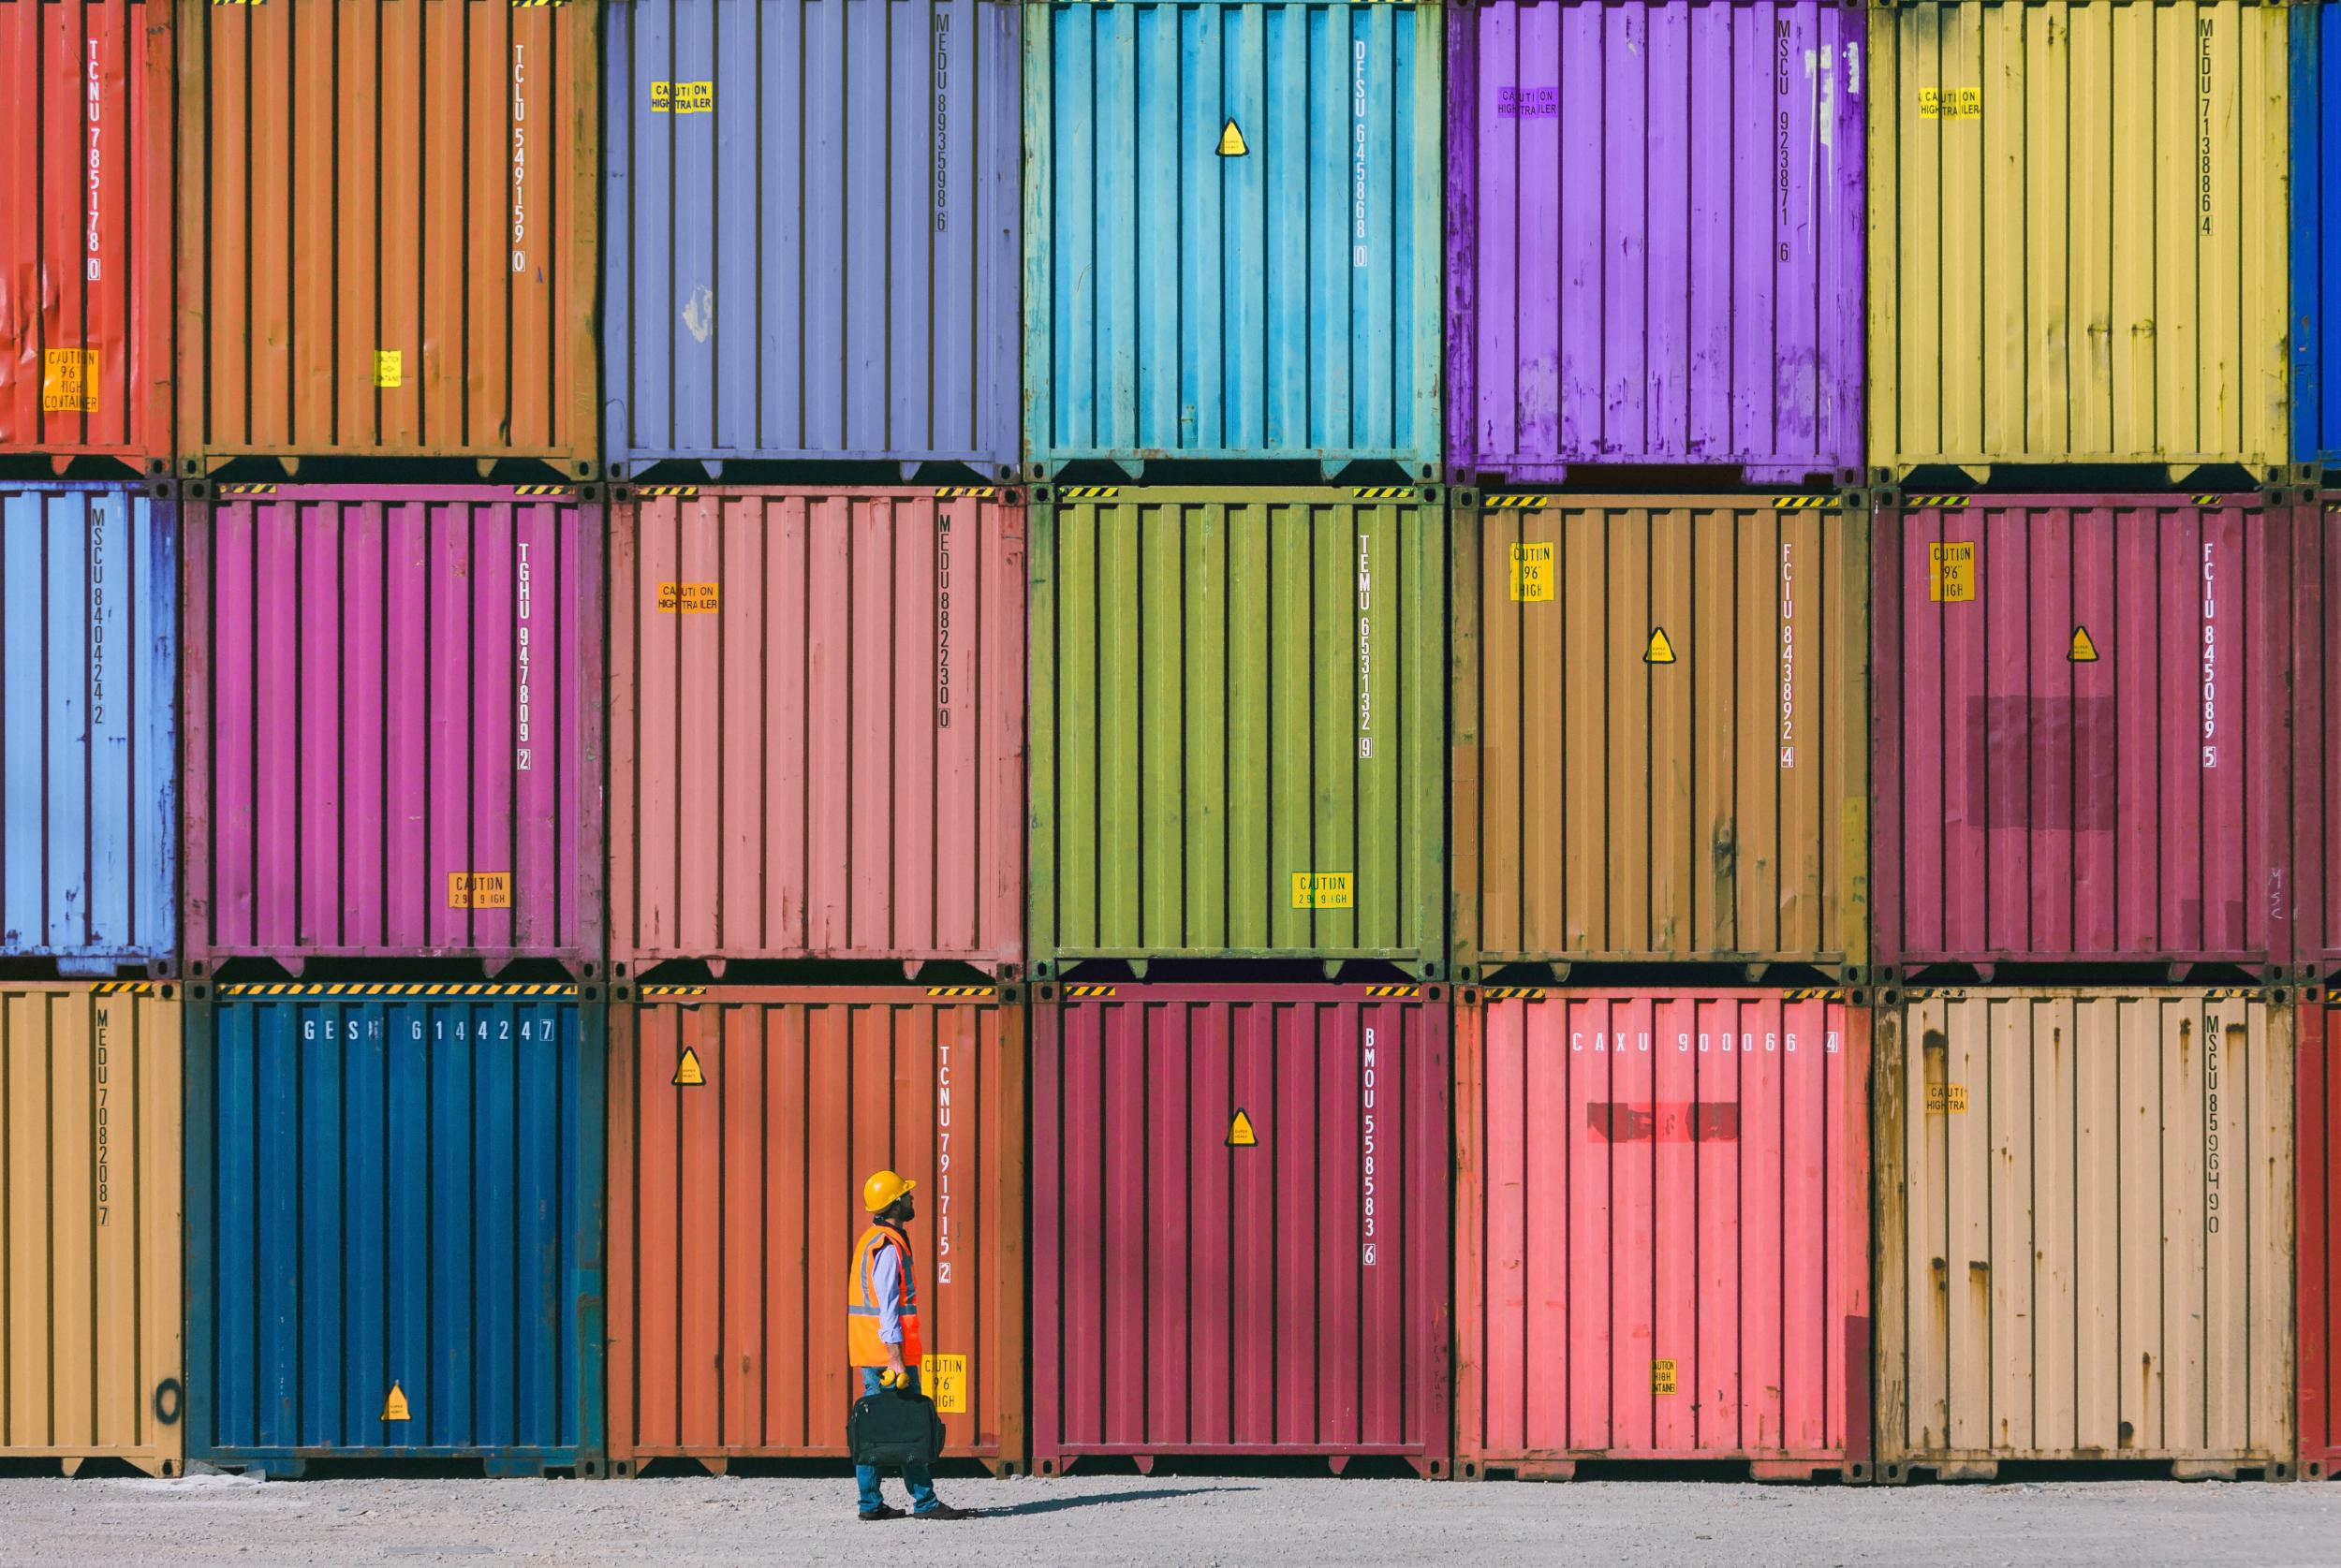 container storage to illustrate enterprise DAM